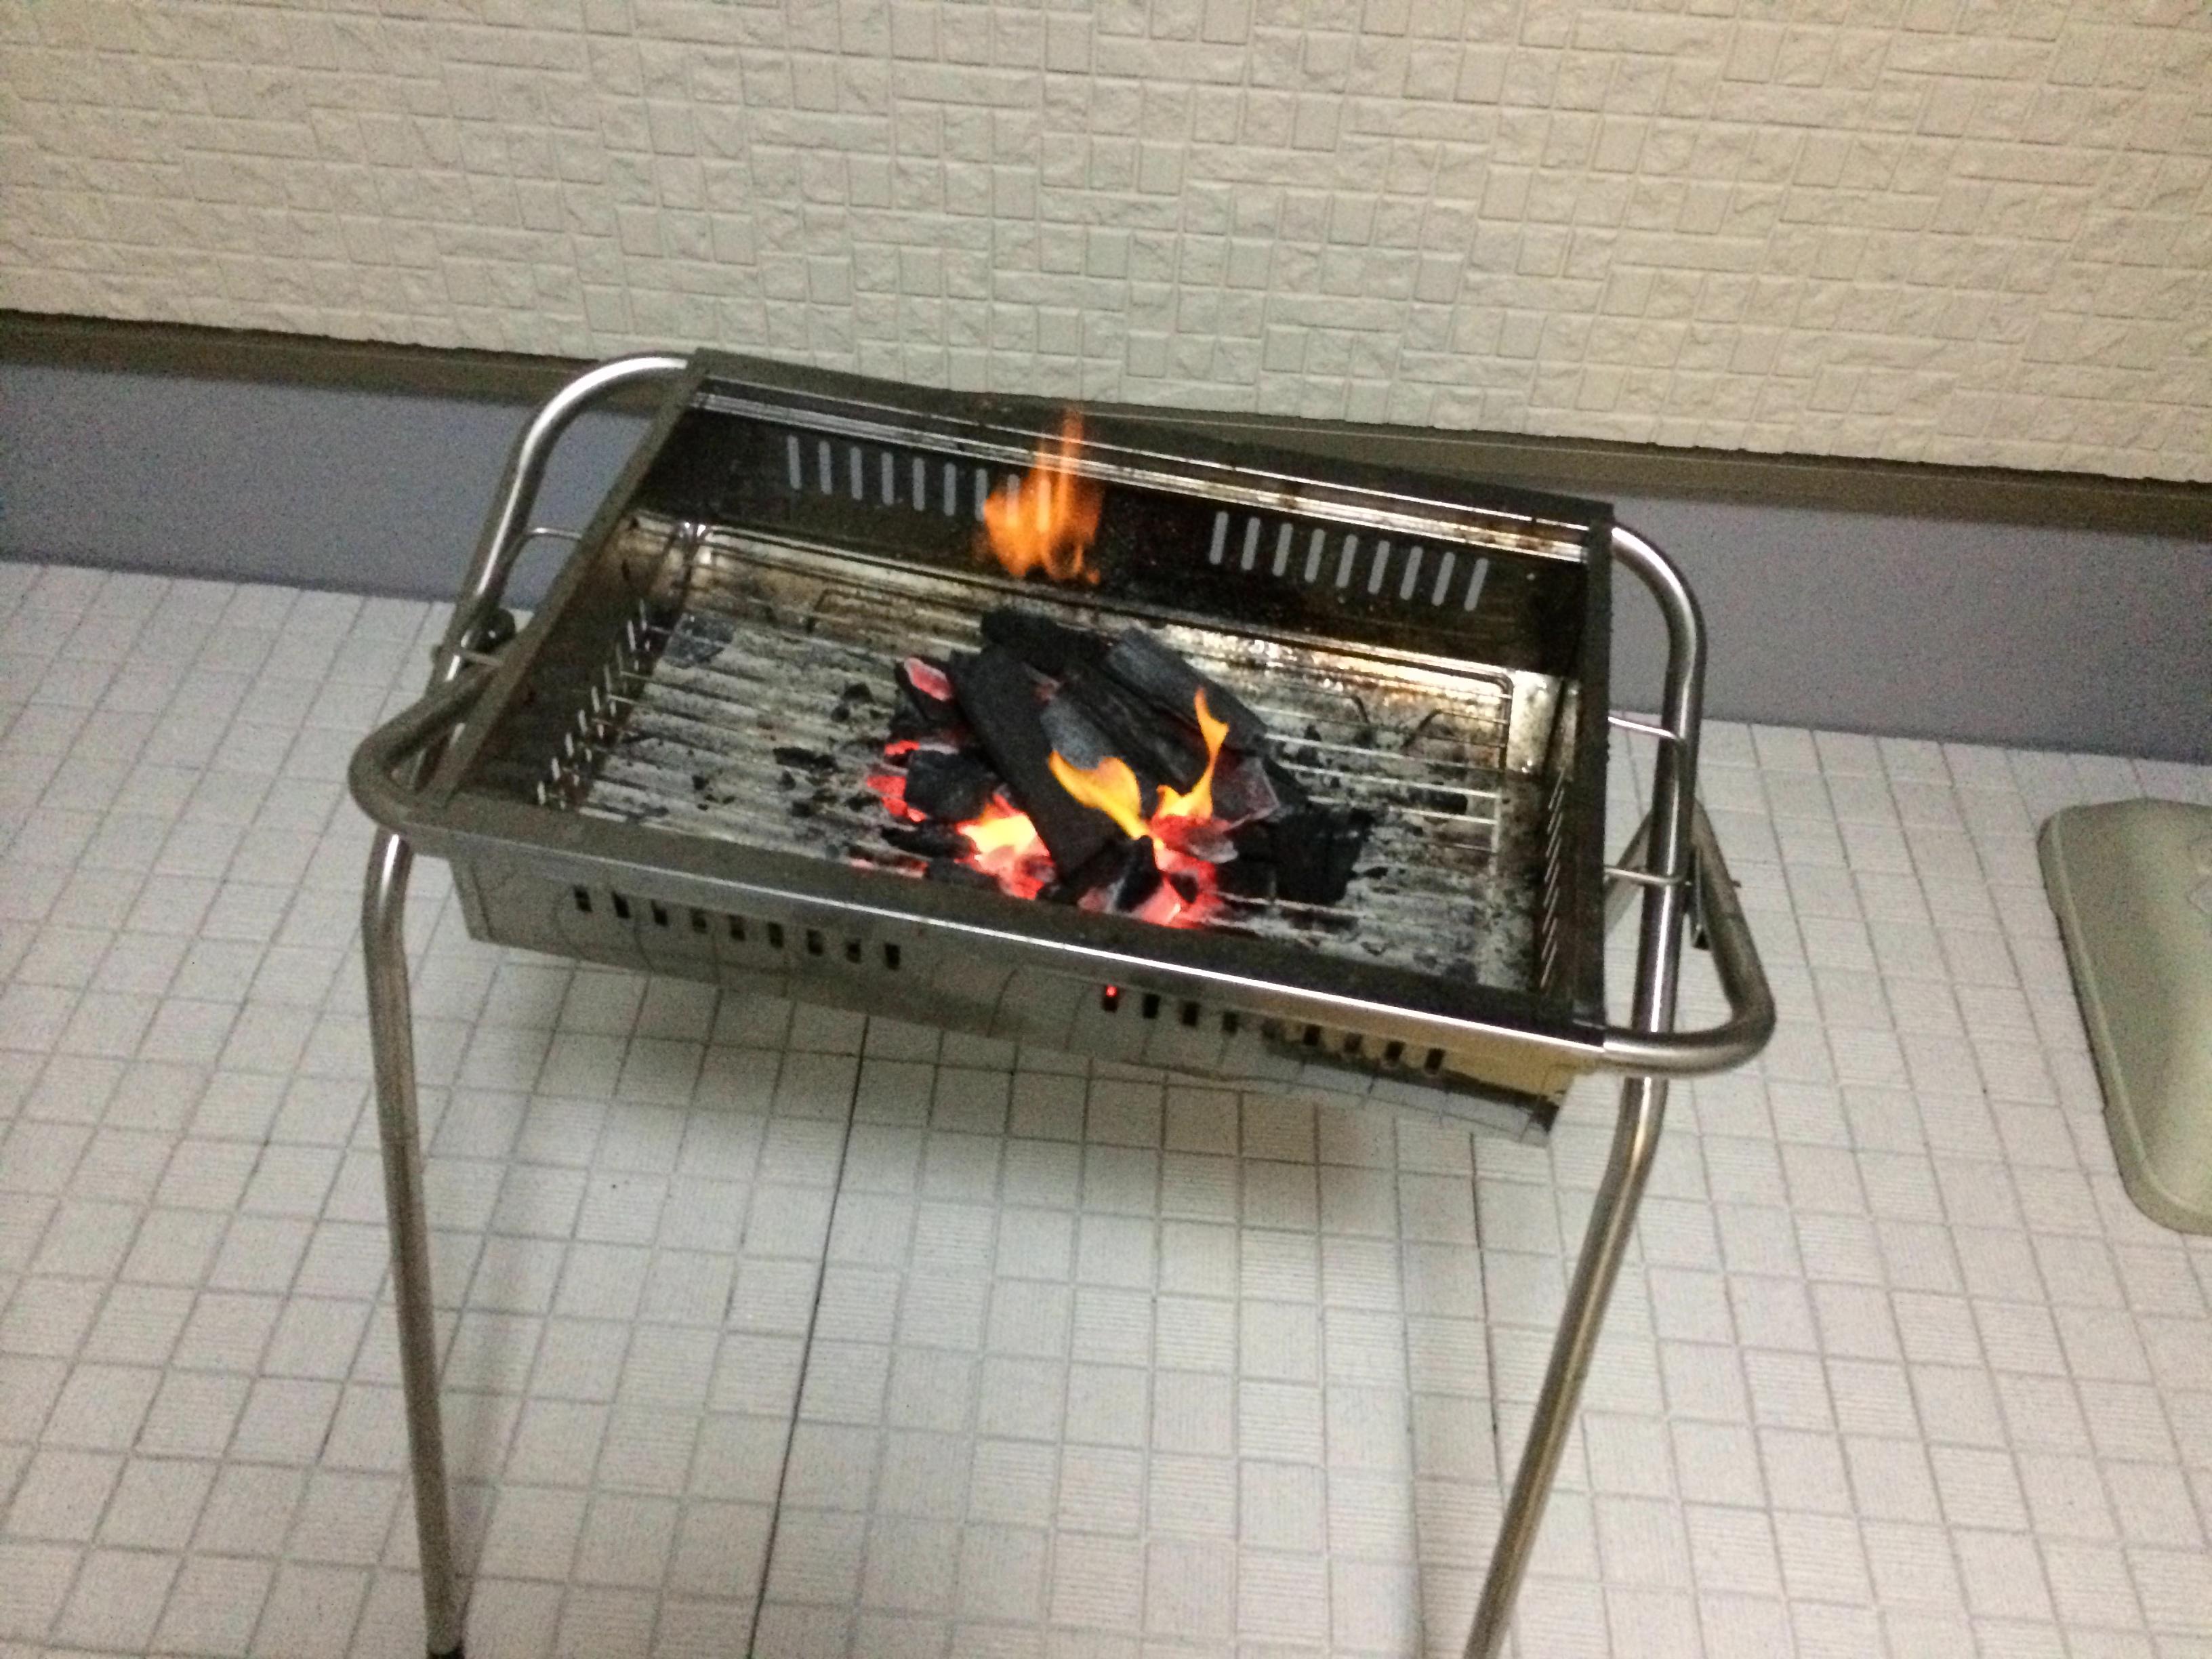 バーベキューの火おこし/誰でも簡単に炭に火を付ける方法